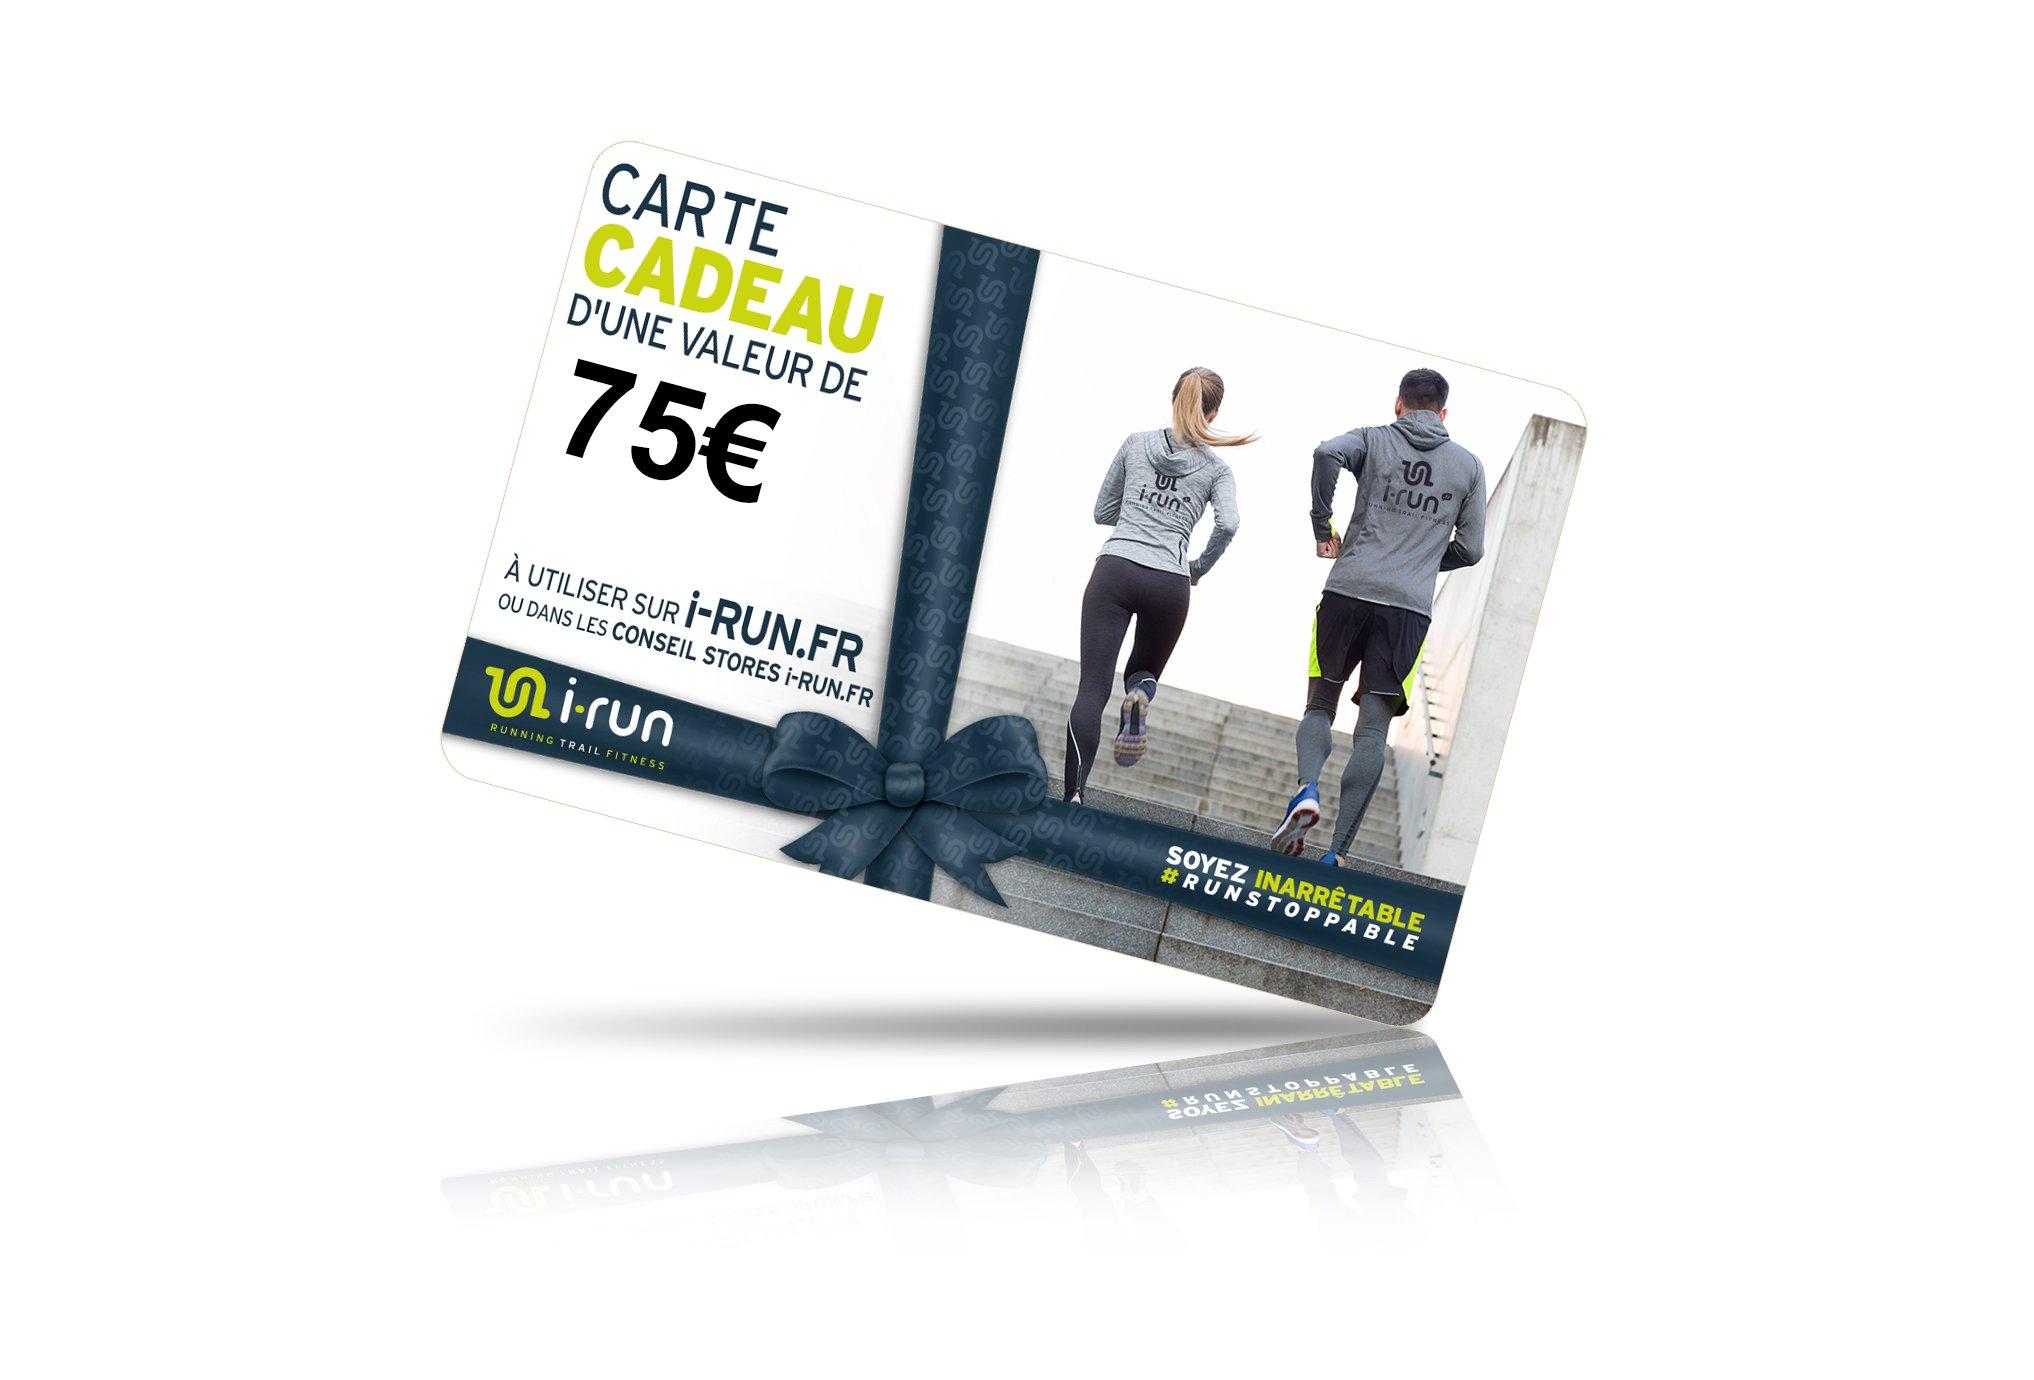 I-Run.Fr Carte cadeau 75 cartes cadeau